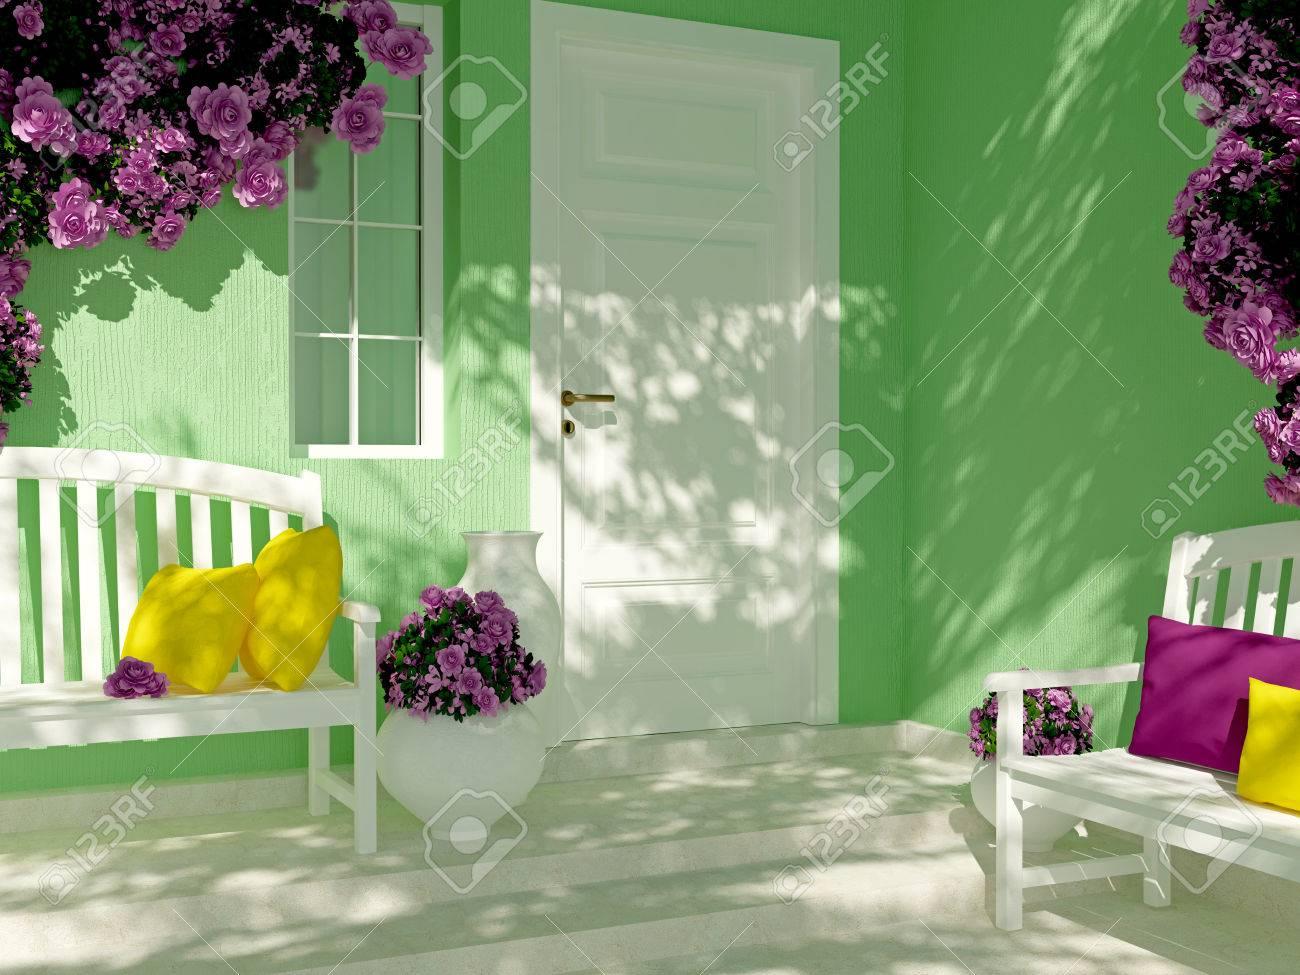 Vista Frontal De La Puerta En Una Casa Verde Con Ventana. Rosas ...